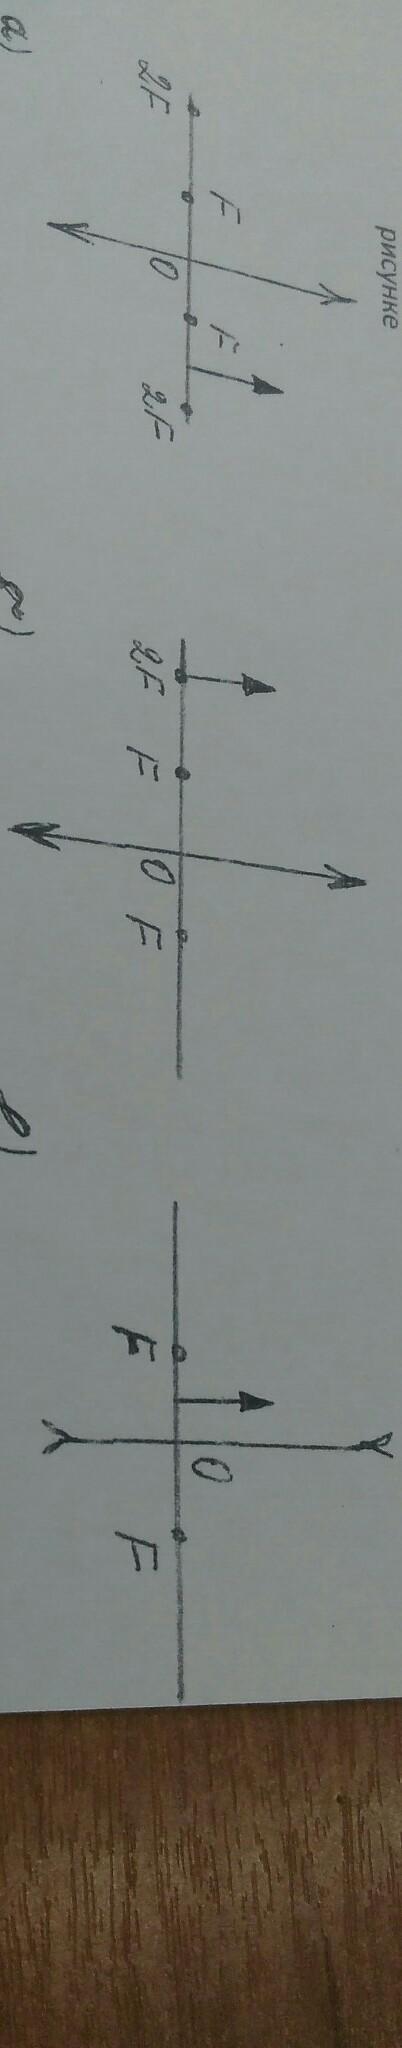 построить изображение предмета в линзе показанным на ...